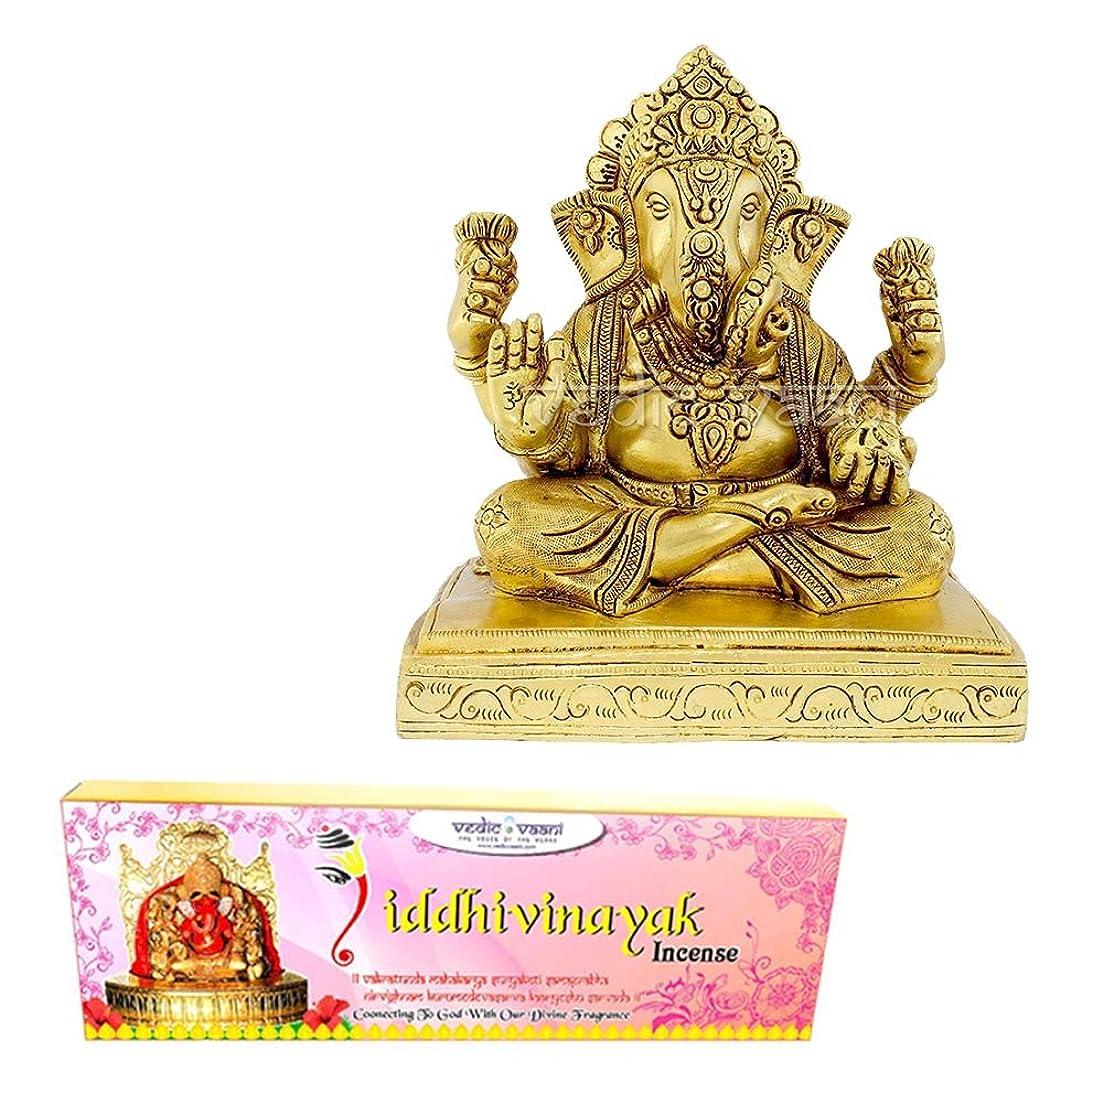 水族館マーチャンダイザー召喚するVedic Vaani Dagadusheth Ganpati Bappa Fine Idol In Brass With Siddhi Vinayak Incense